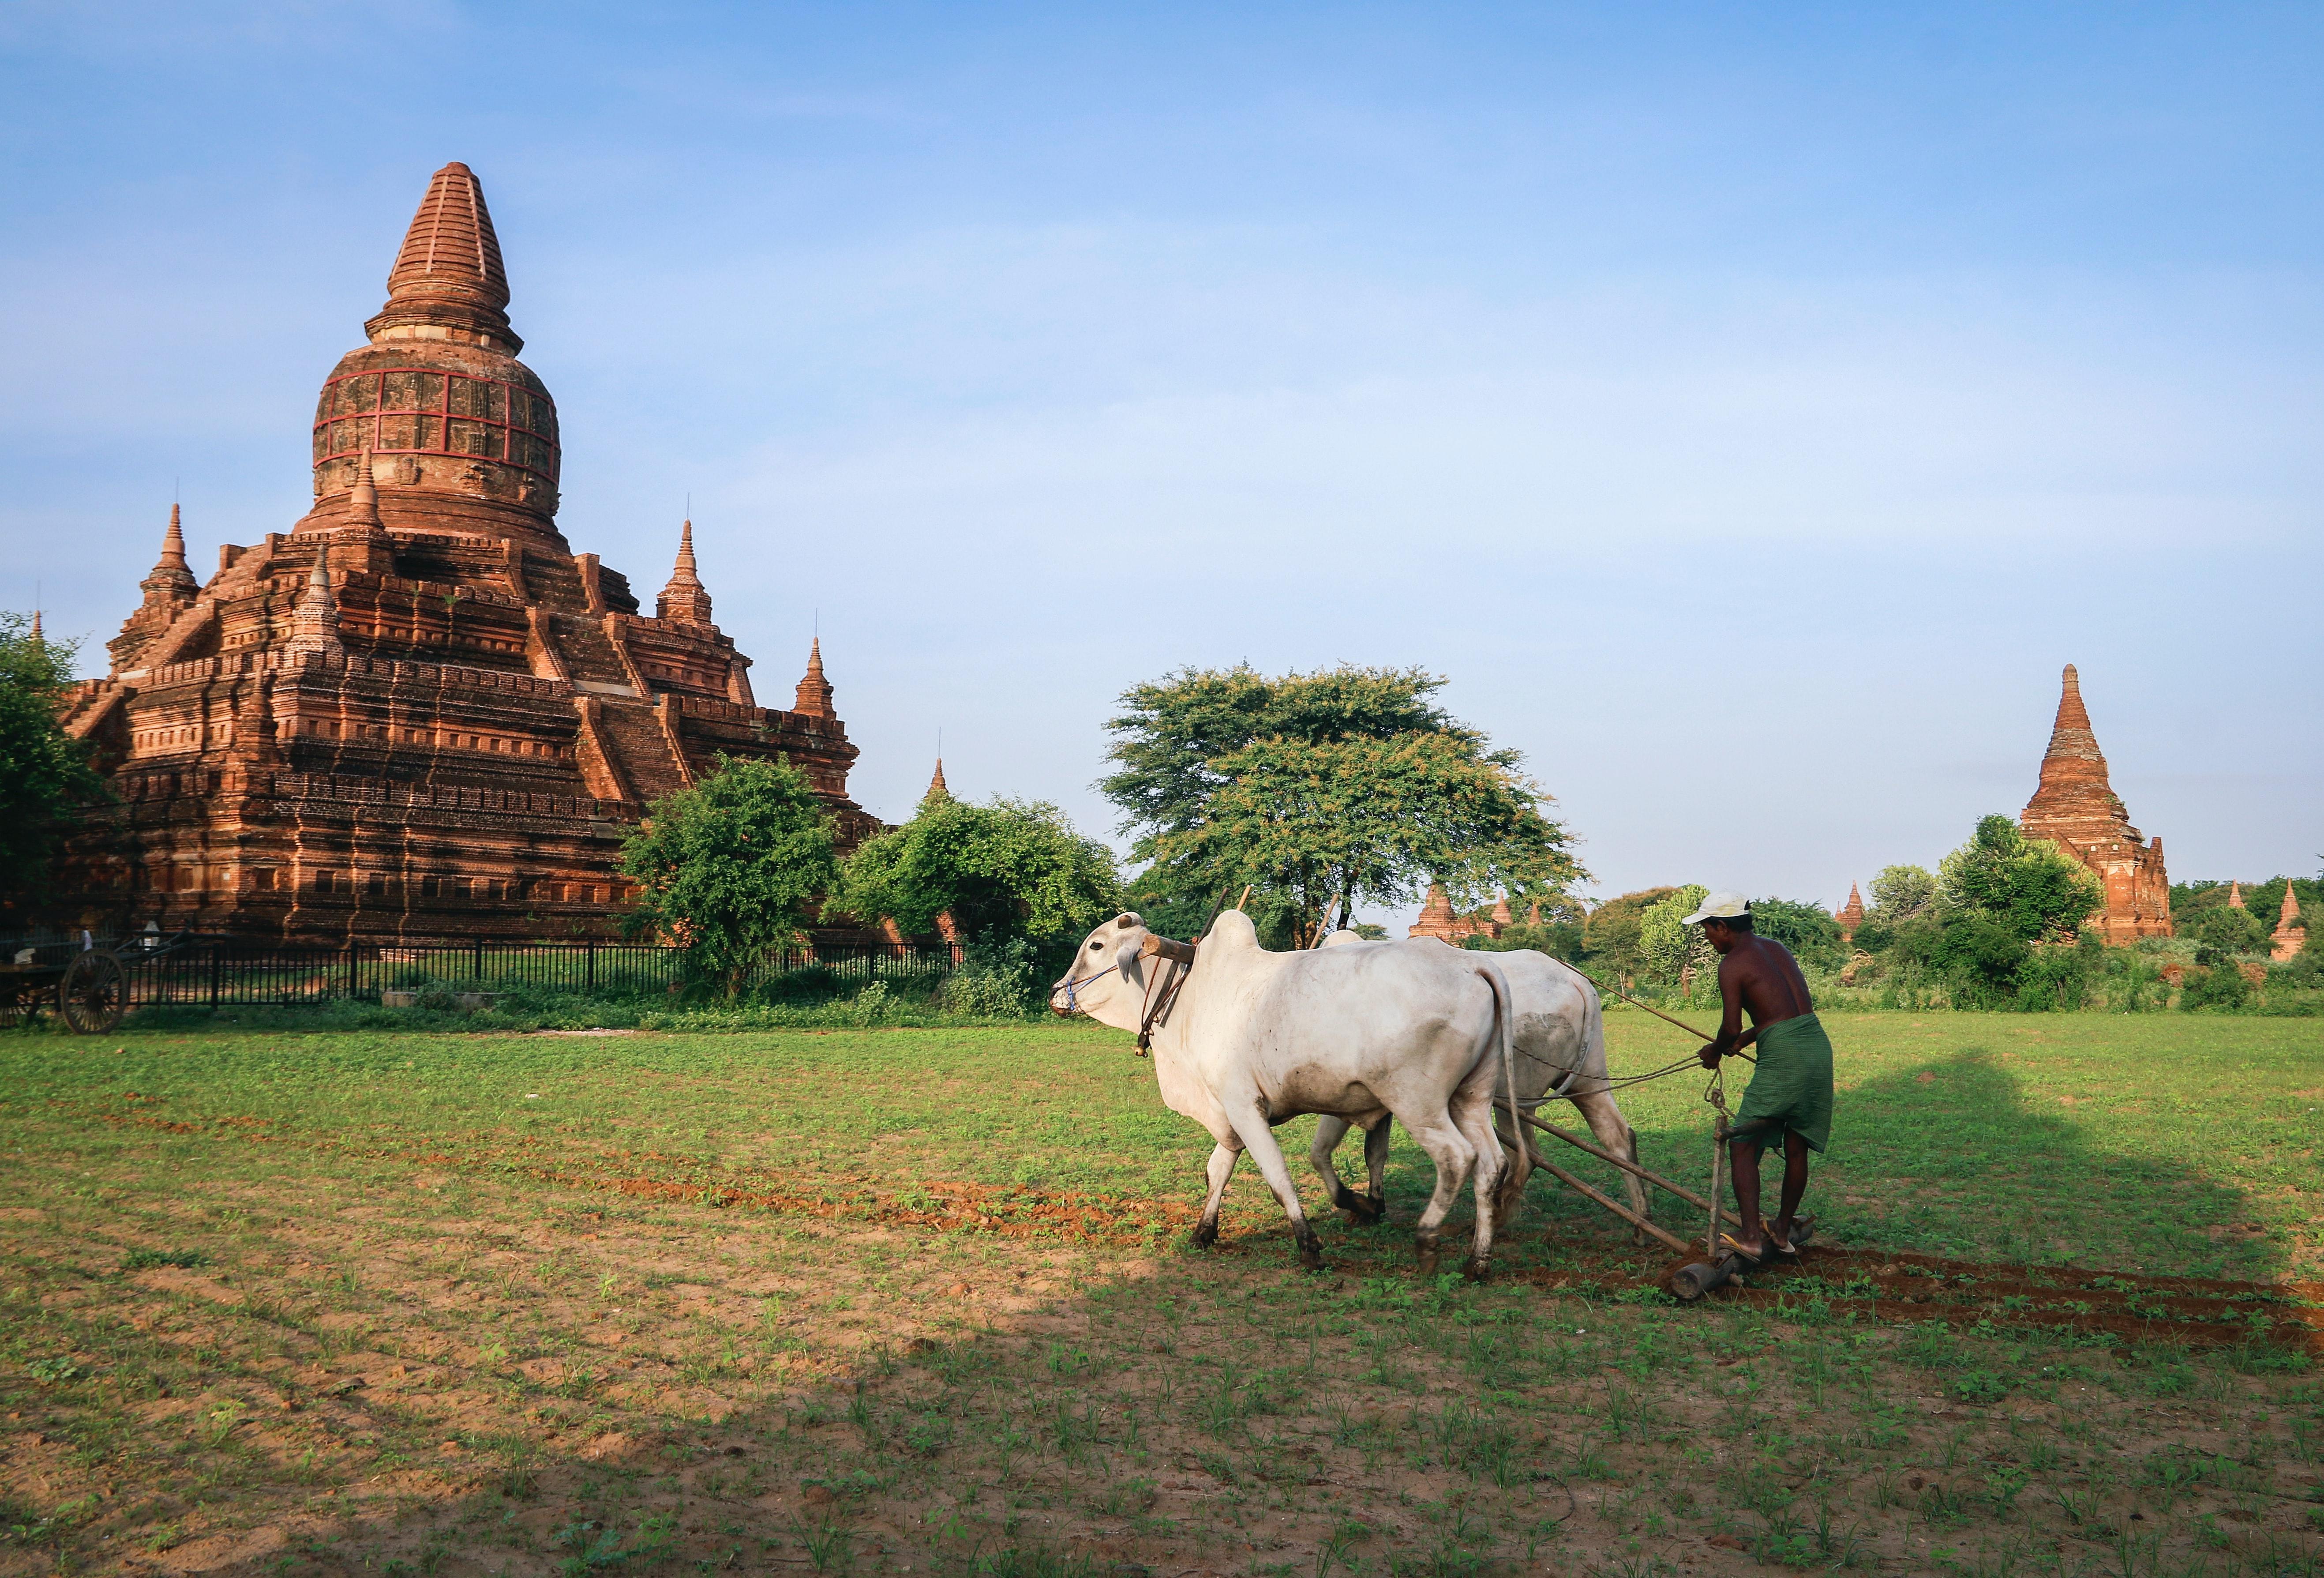 HERITAGE CULTUREL ET RENCONTRES COMMUNAUTAIRES AU MYANMAR